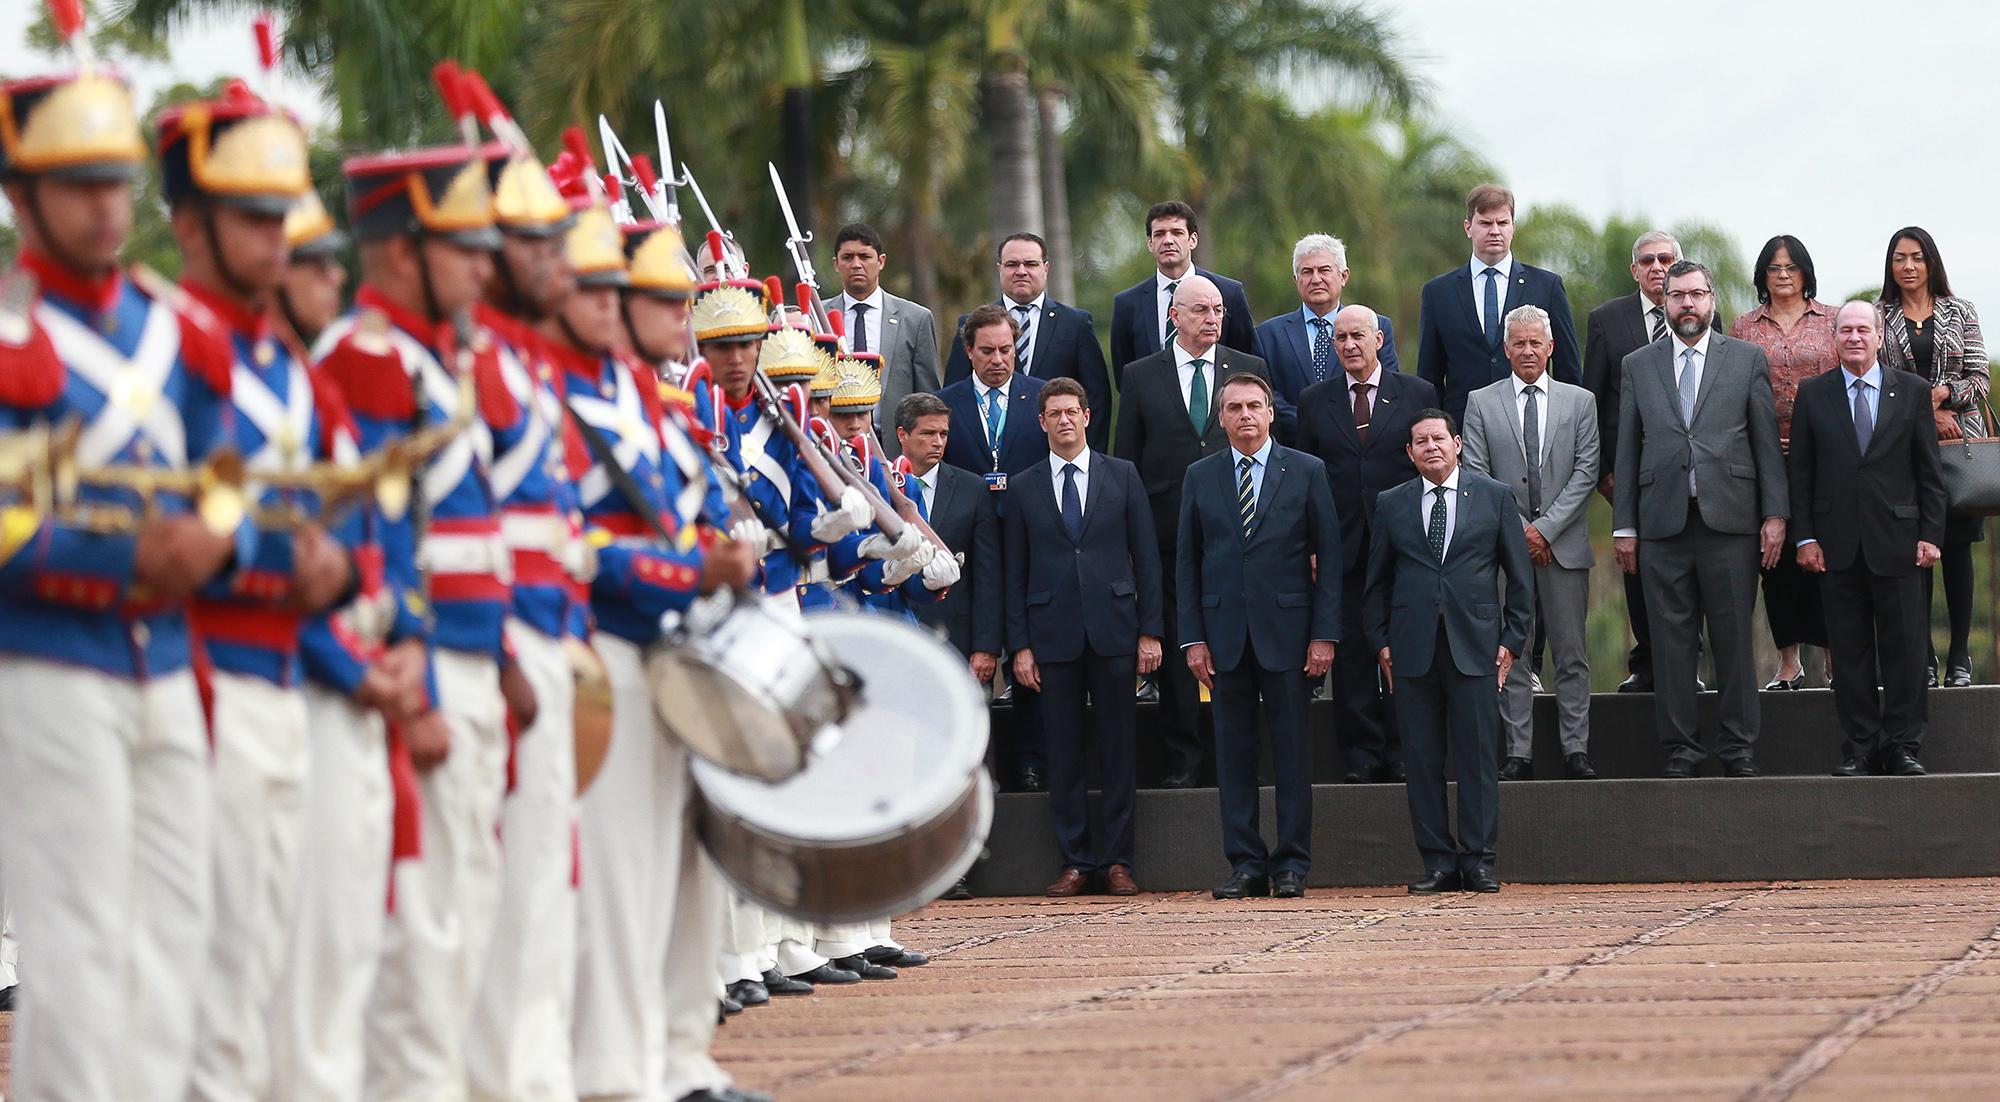 O Brasil do pajé Bolsonaro